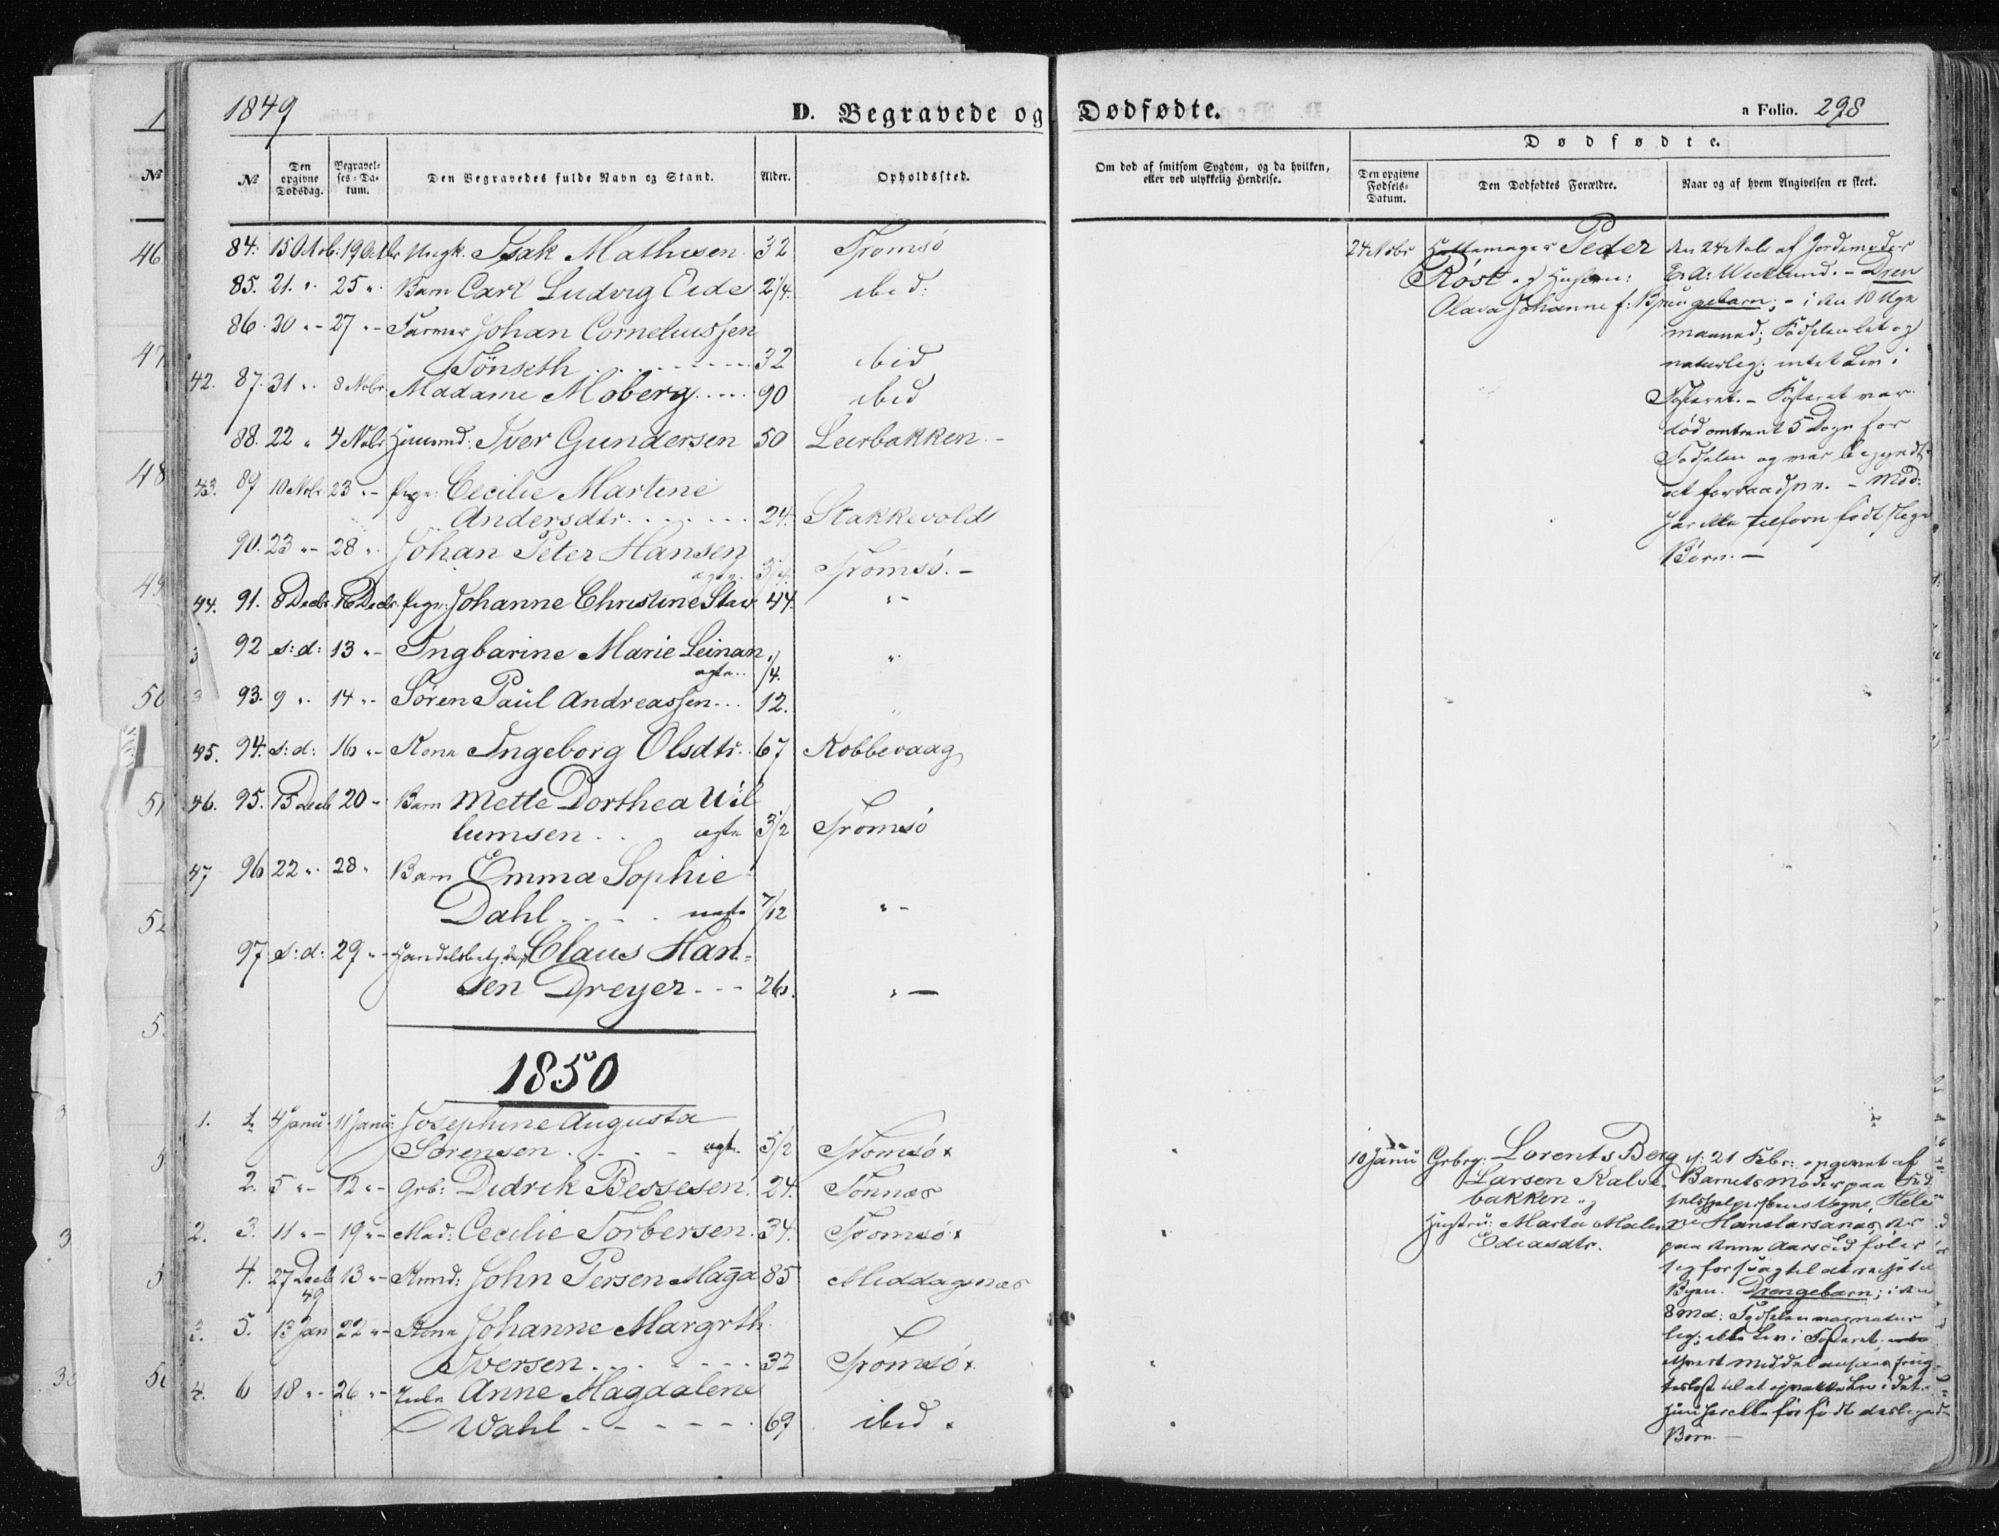 SATØ, Tromsø sokneprestkontor/stiftsprosti/domprosti, G/Ga/L0010kirke: Ministerialbok nr. 10, 1848-1855, s. 298